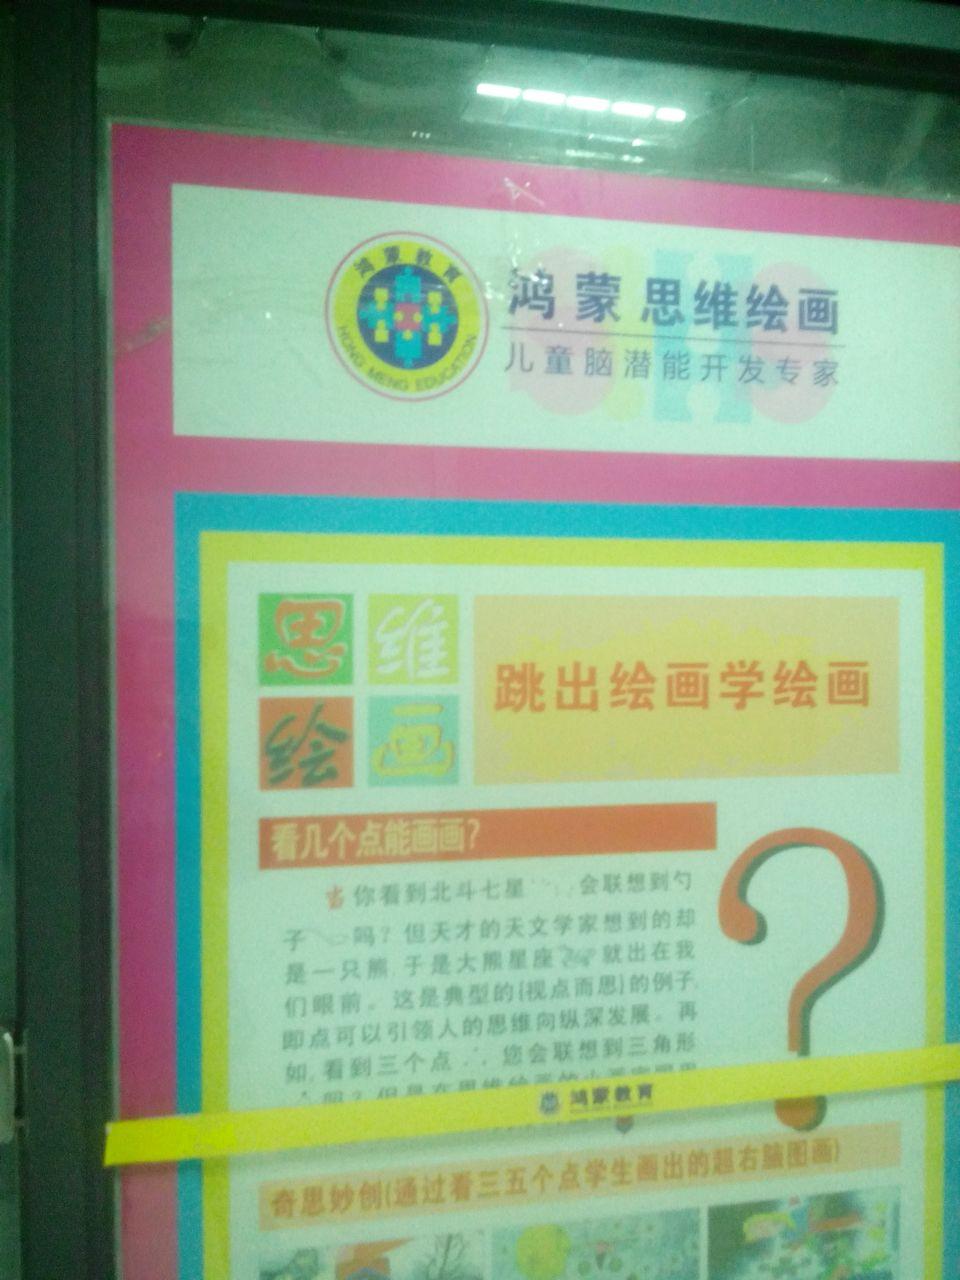 鸿蒙教育思维绘画(二七棉纺路校区店)